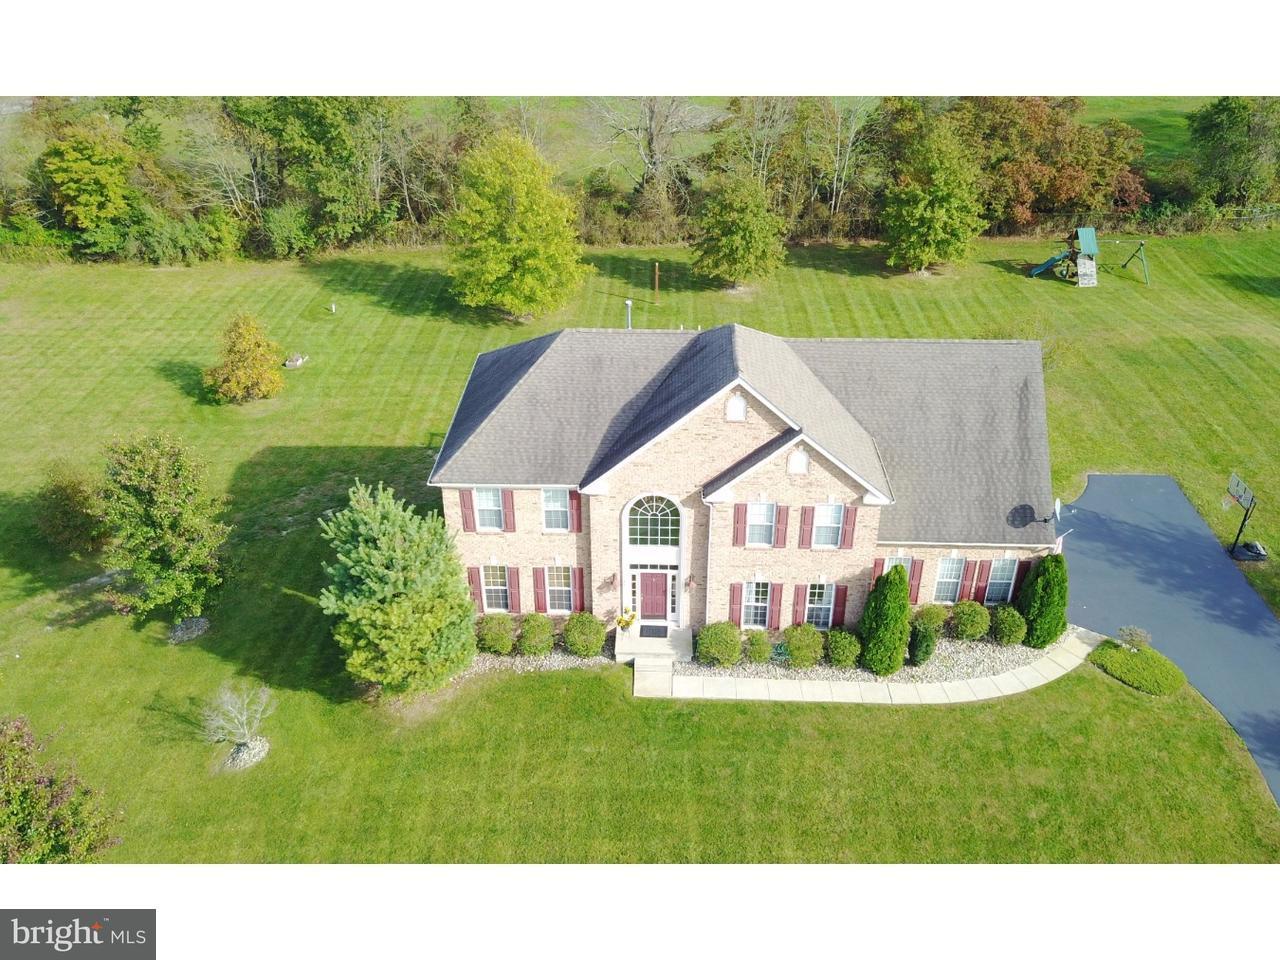 Casa Unifamiliar por un Venta en 25 NICHOLAS Court Cream Ridge, Nueva Jersey 08514 Estados UnidosEn/Alrededor: Upper Freehold Township